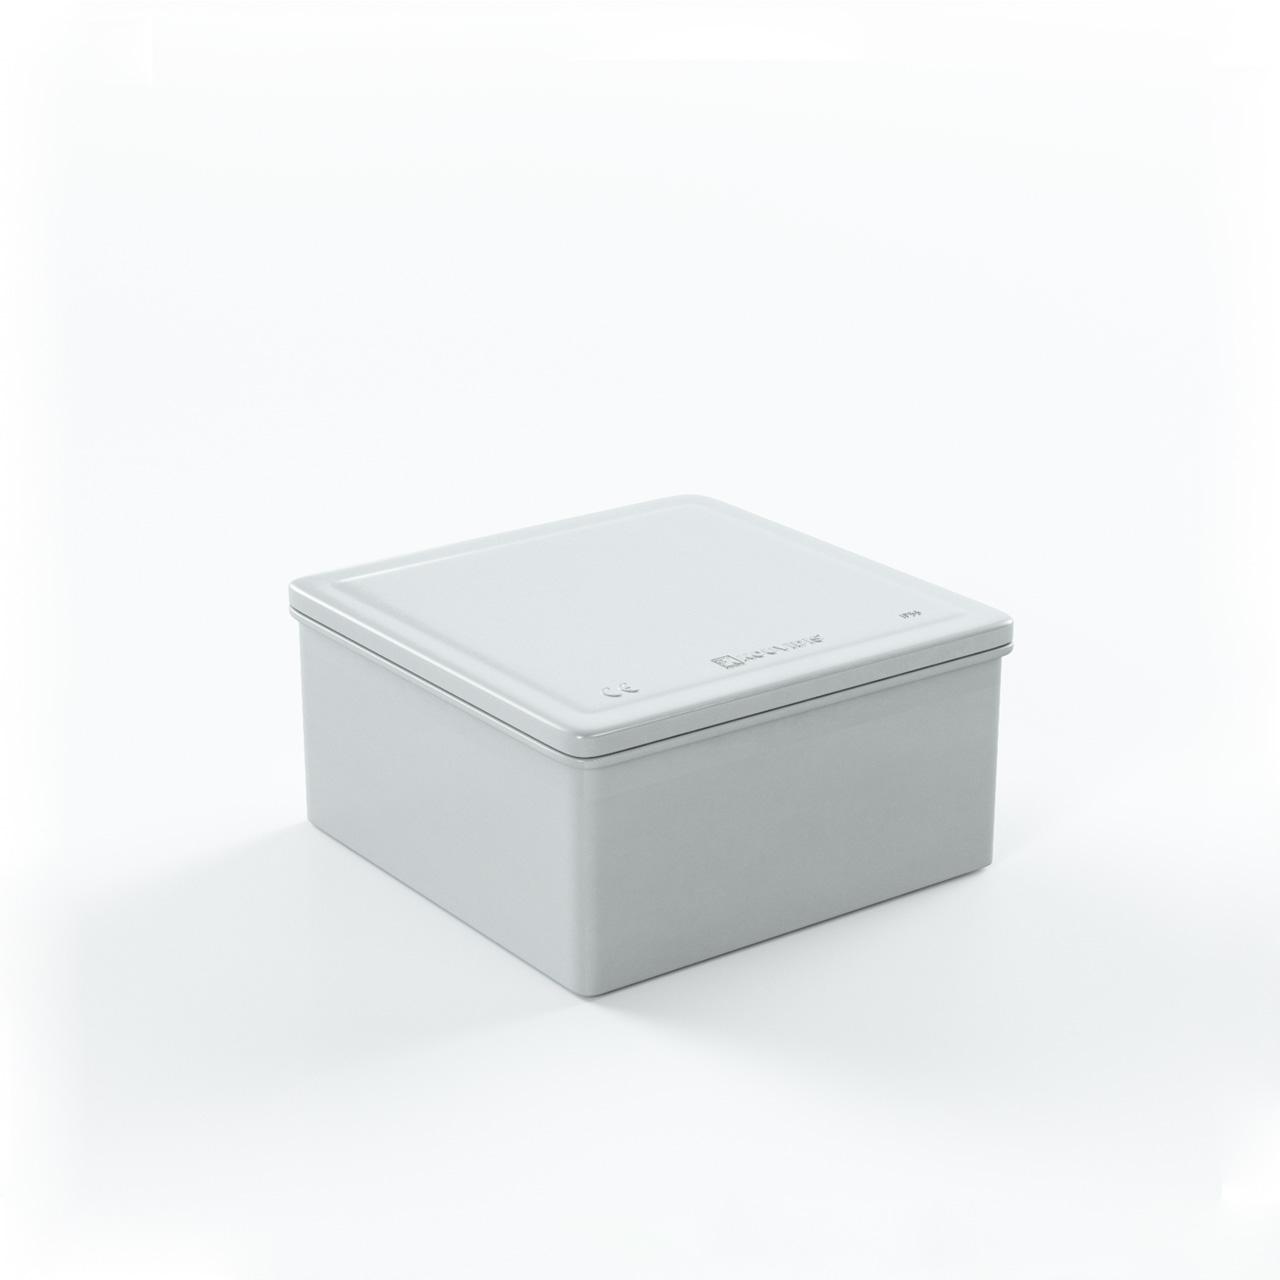 Τετράγωνο Κουτί Διακ/Σεως Condur Χωρίς Τάπες Φ25